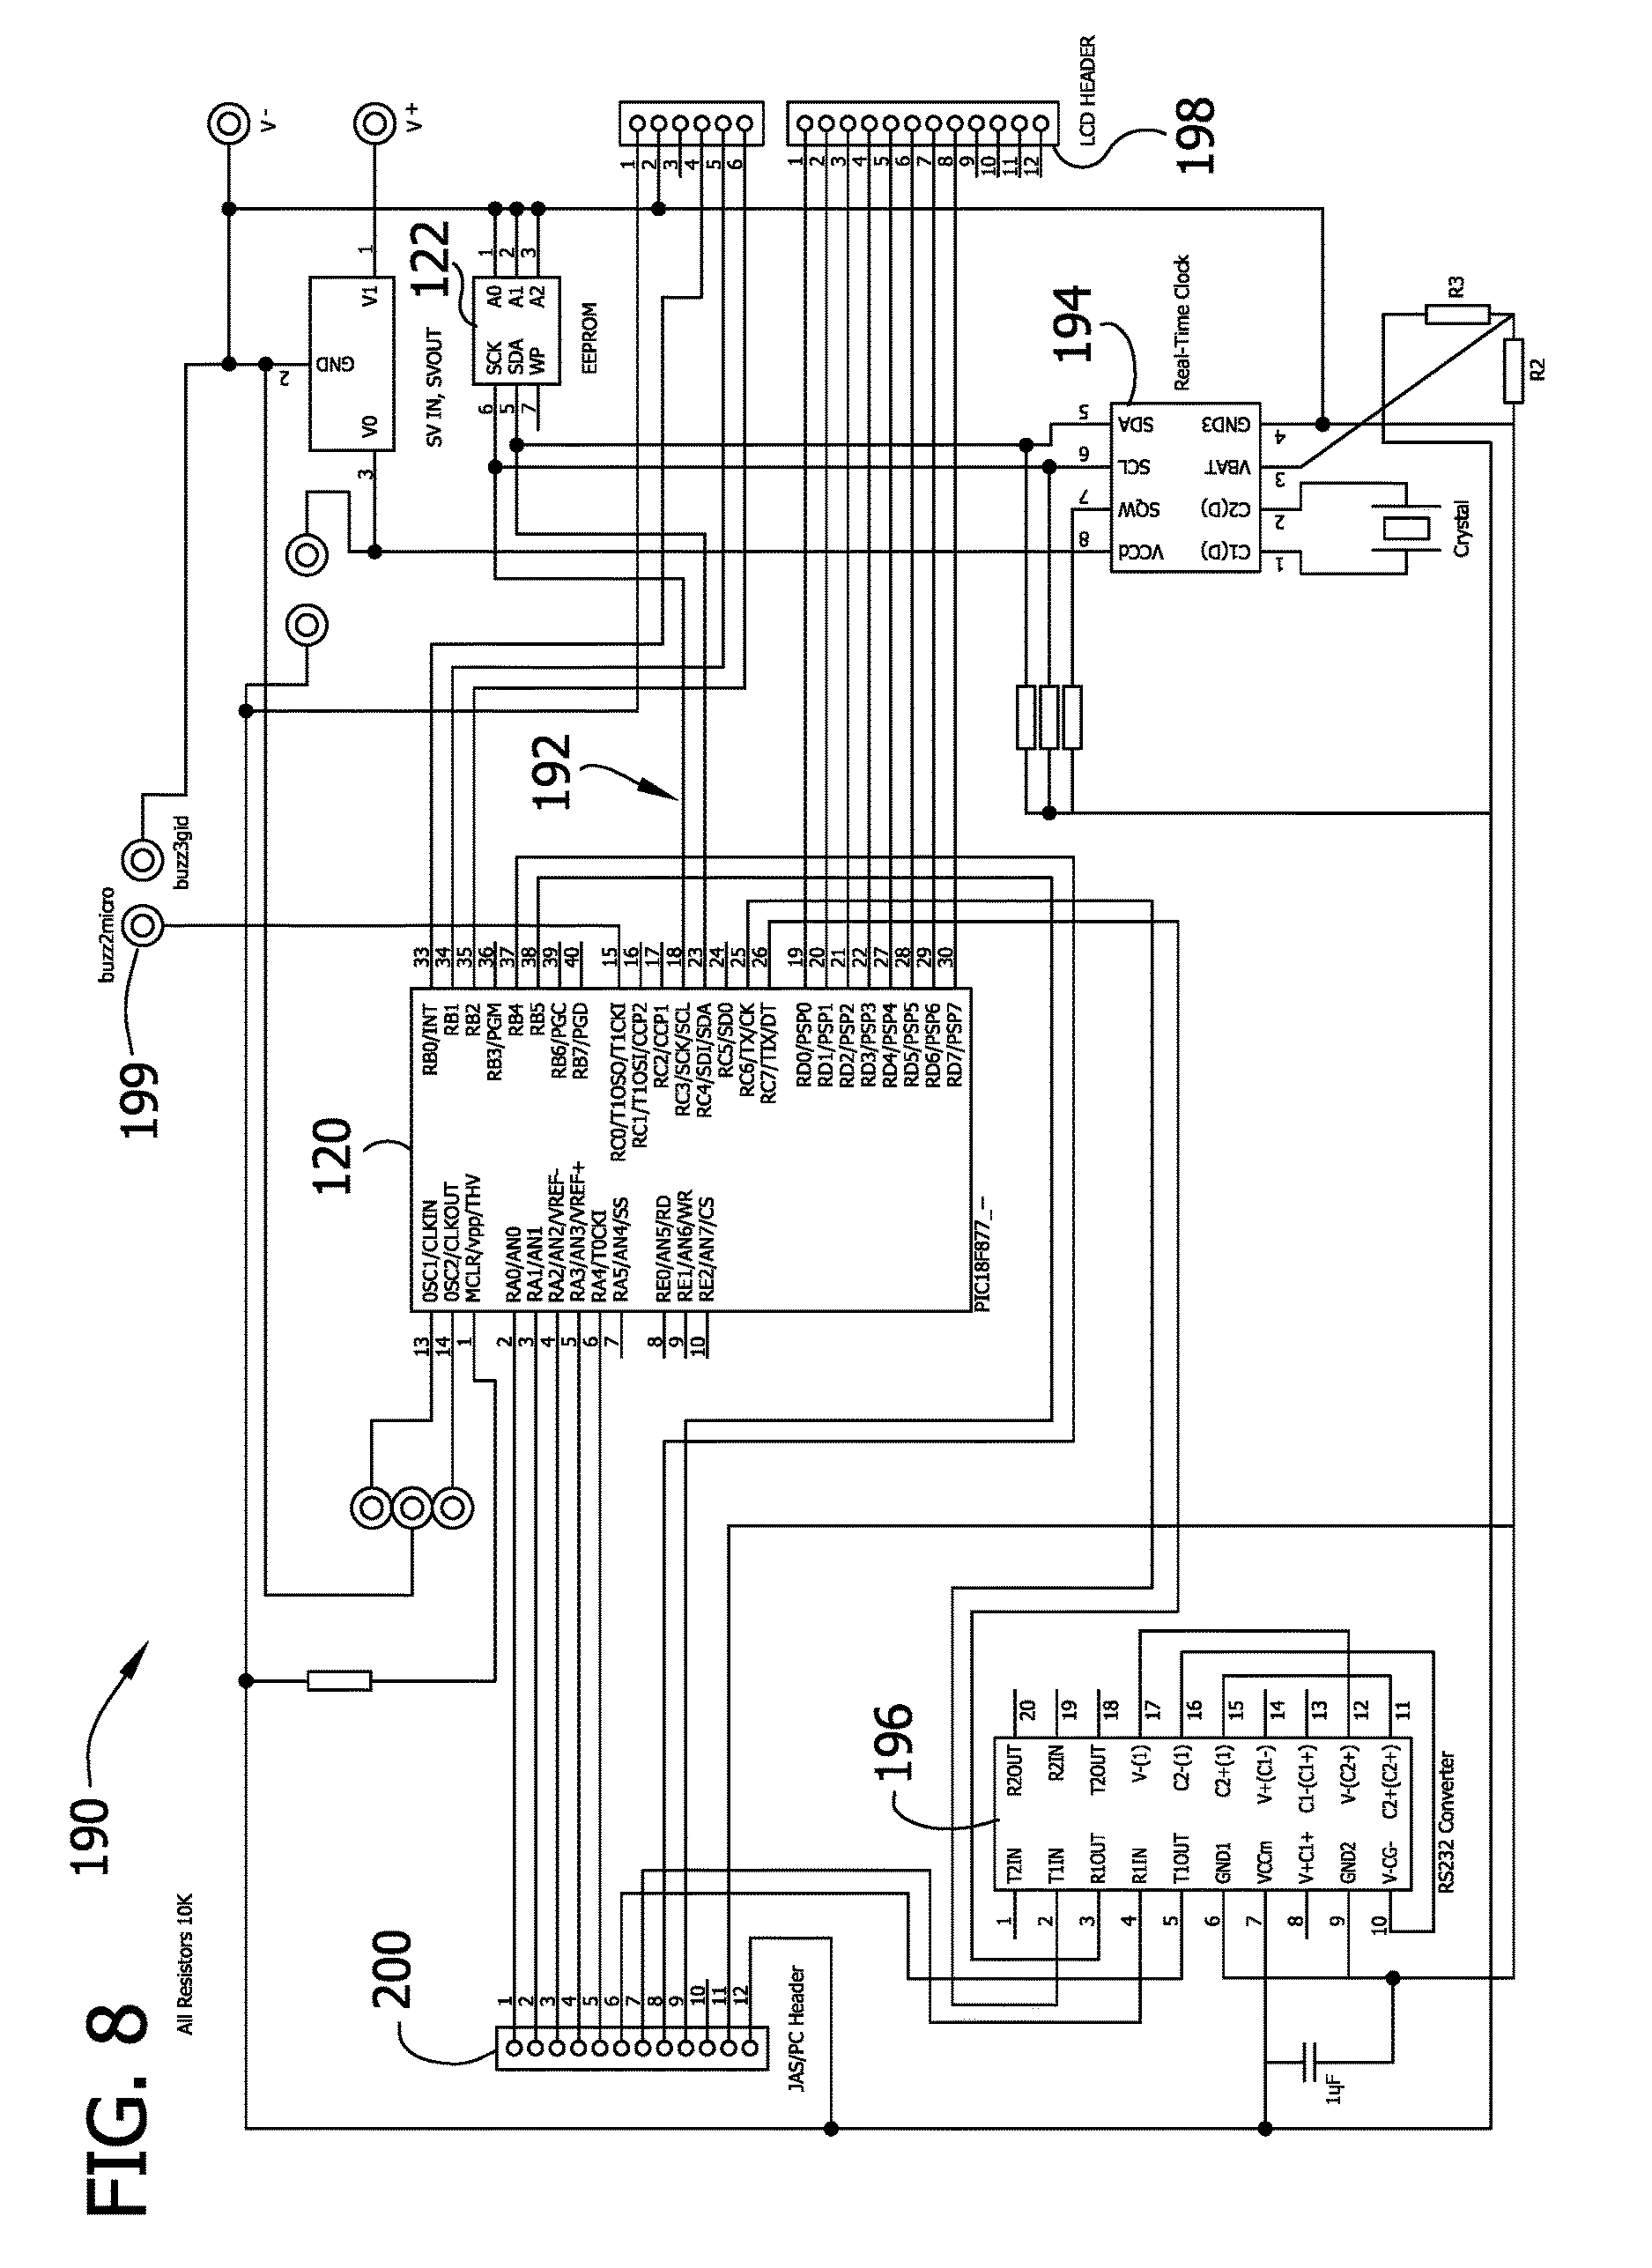 1983 Amc Spirit Wiring Diagram Get Free Image About Wiring Diagram